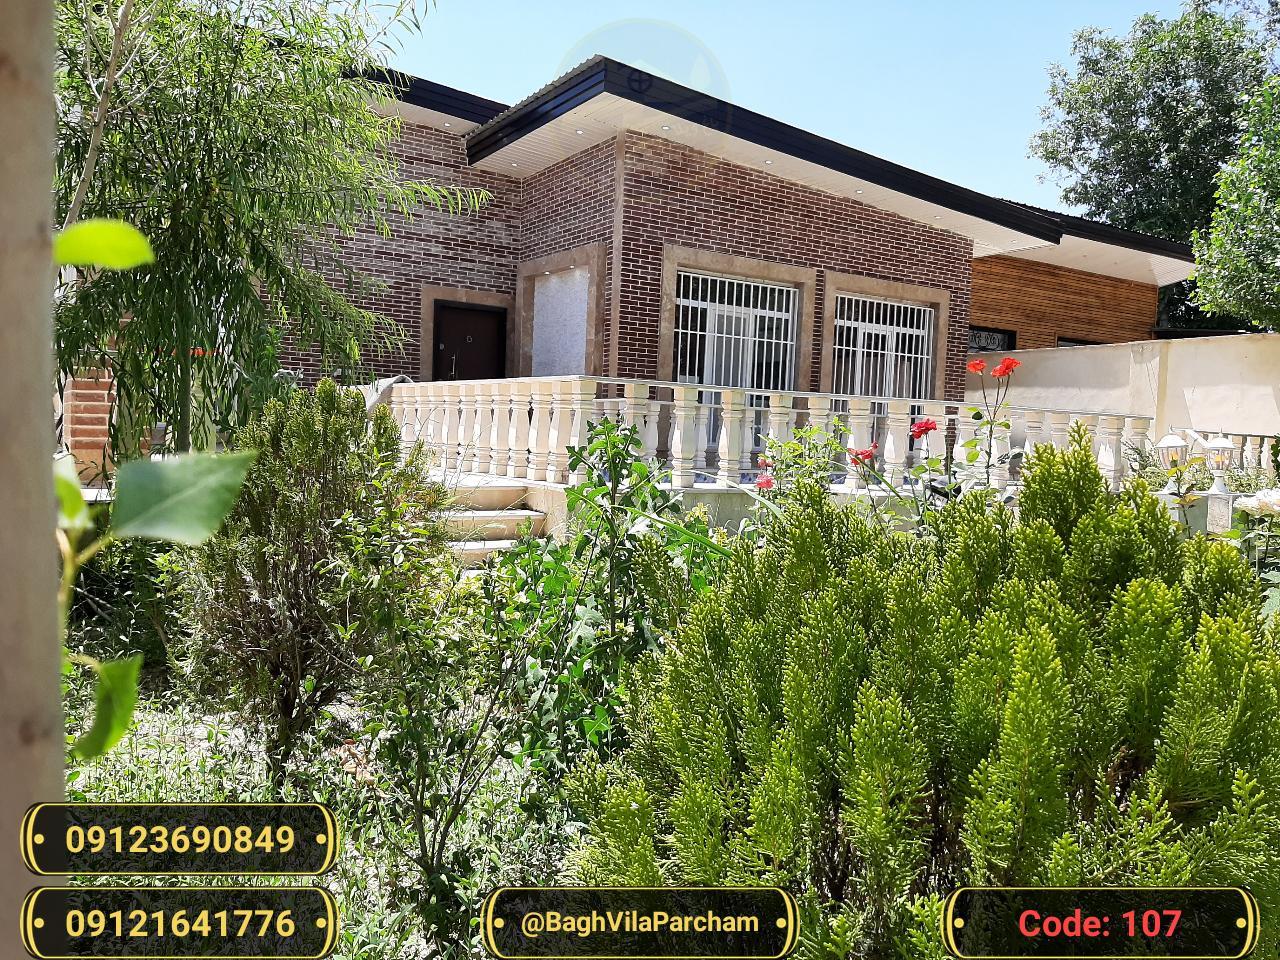 تصویر عکس باغ ویلا شماره 2 از ویلای ۵۰۰ متر ویلا Picture photo image 2 of ۵۰۰ متر ویلا